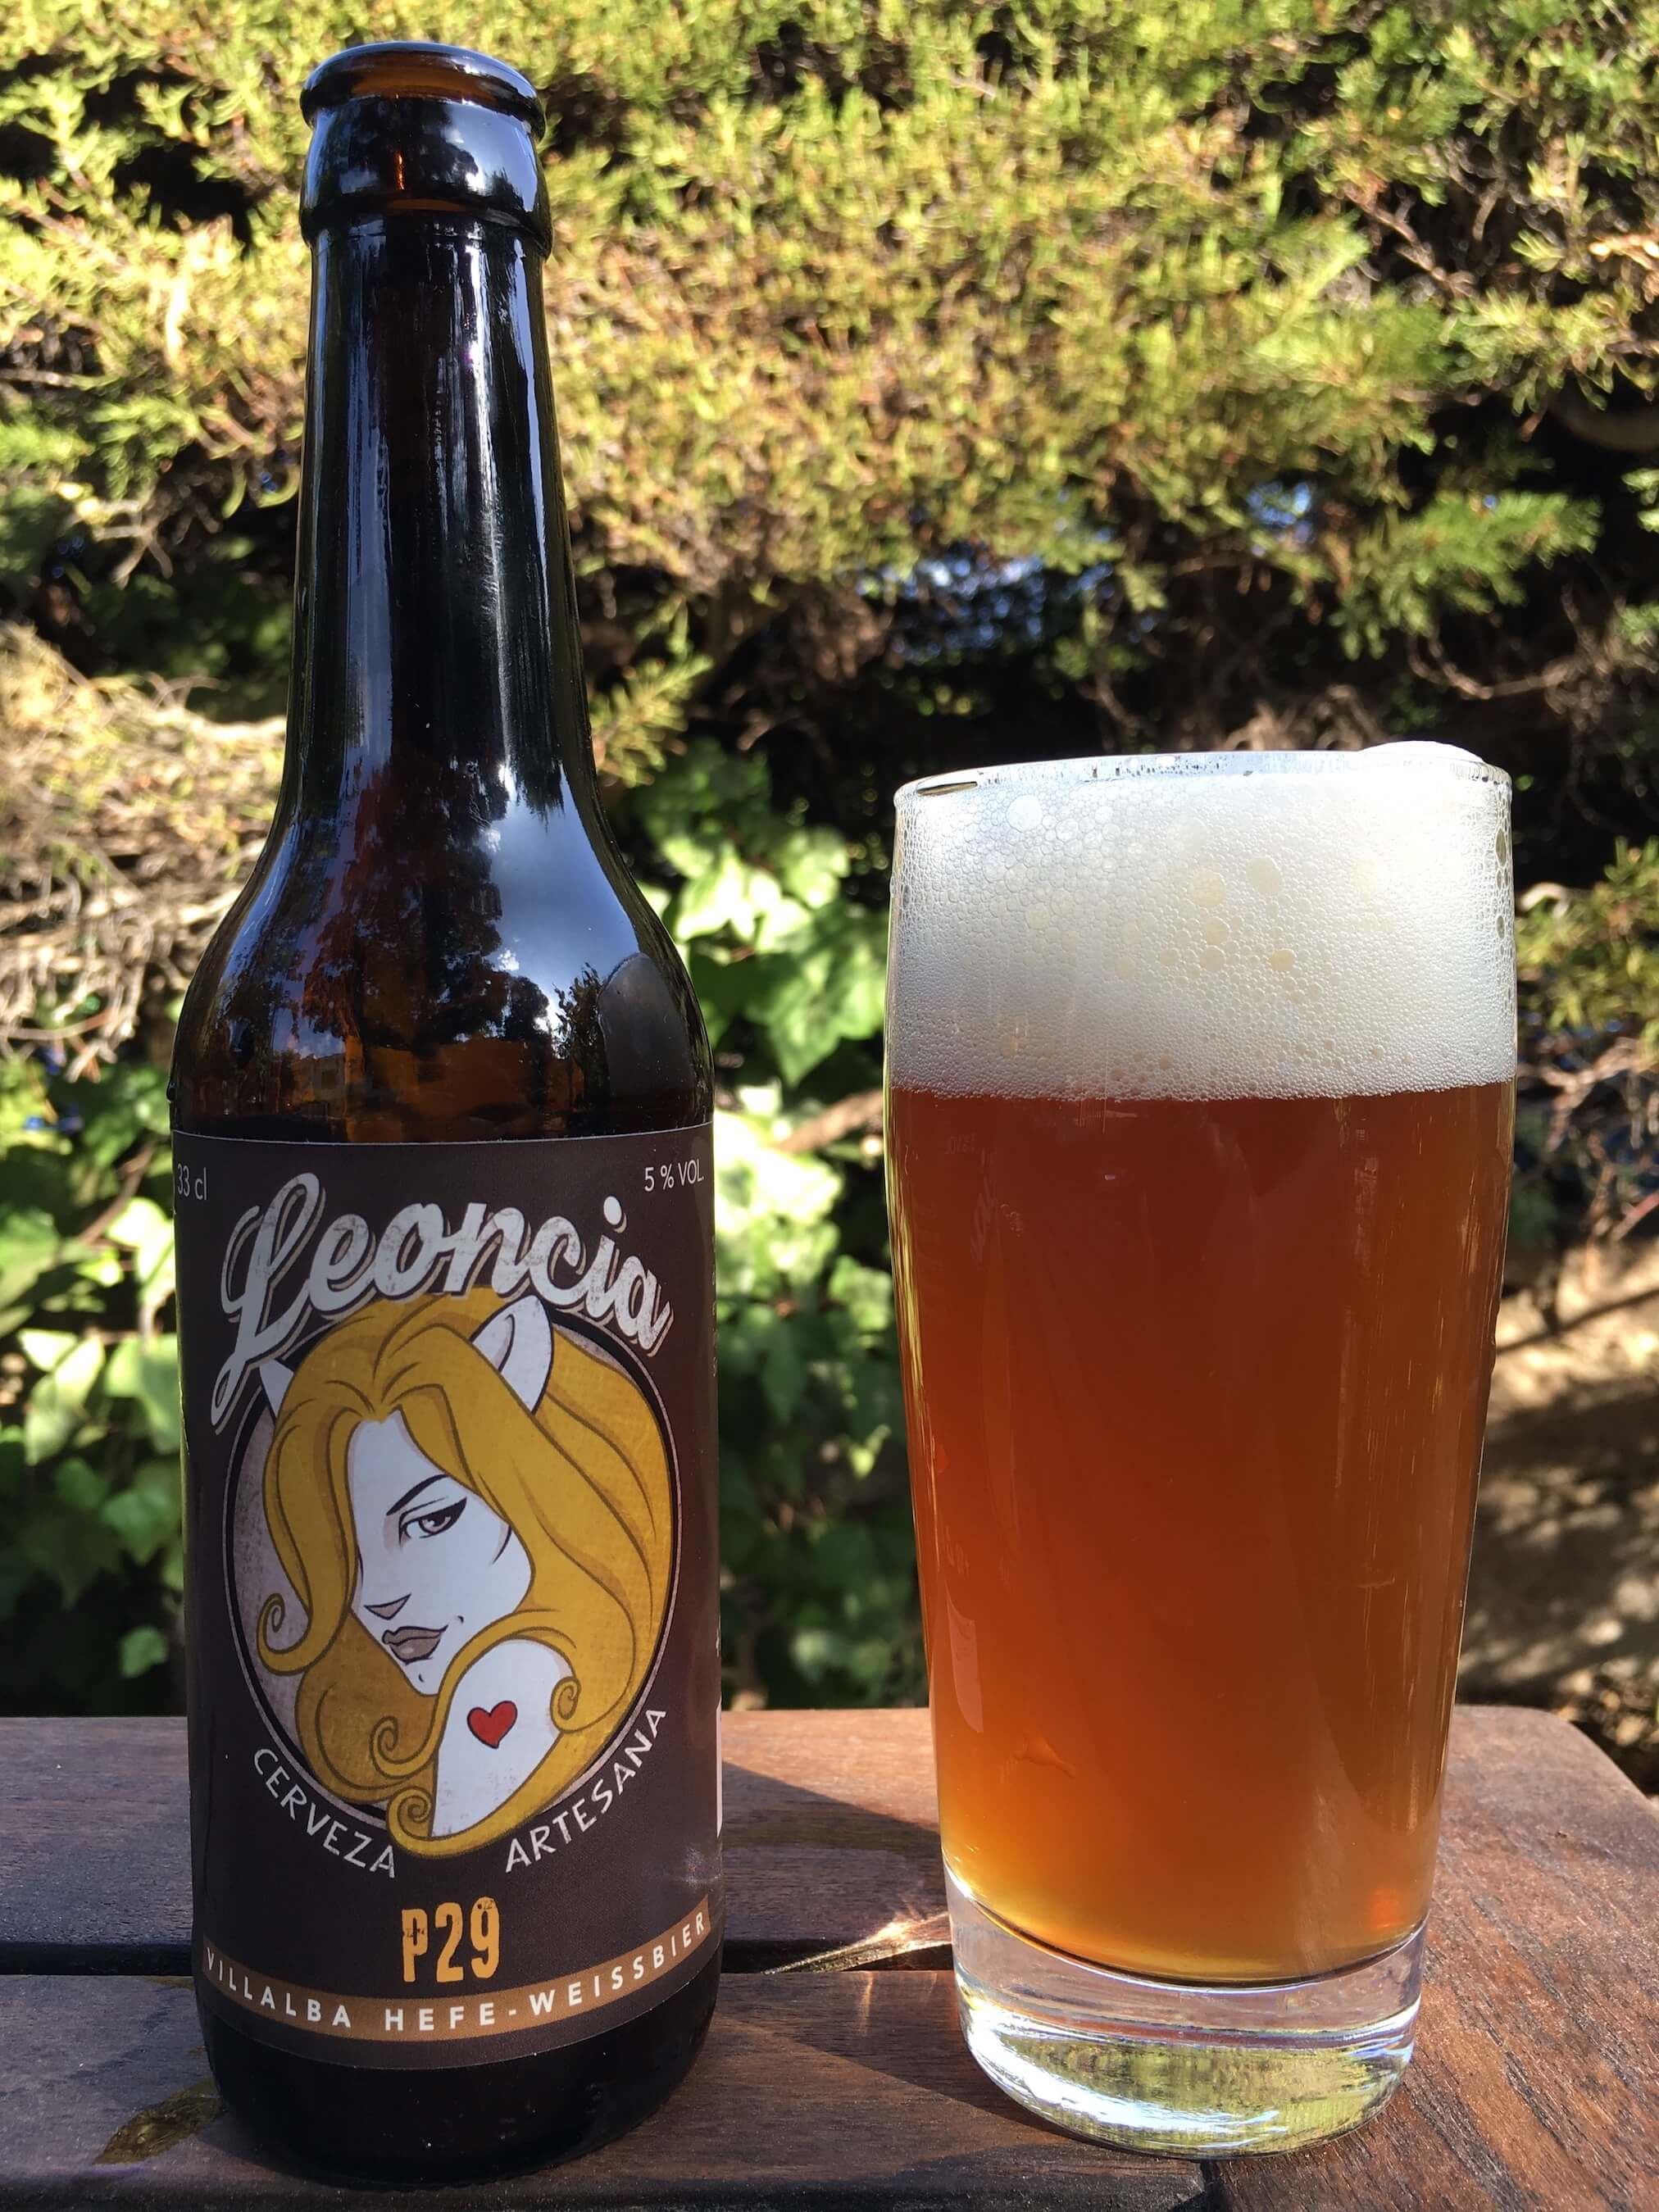 La P29 es la cerveza de trigo de Villalba. Si piensas que las artesanas no son lo tuyo o si cree que no te gustan las cervezas de trigo, no dejes de probar esta. Te encantará.